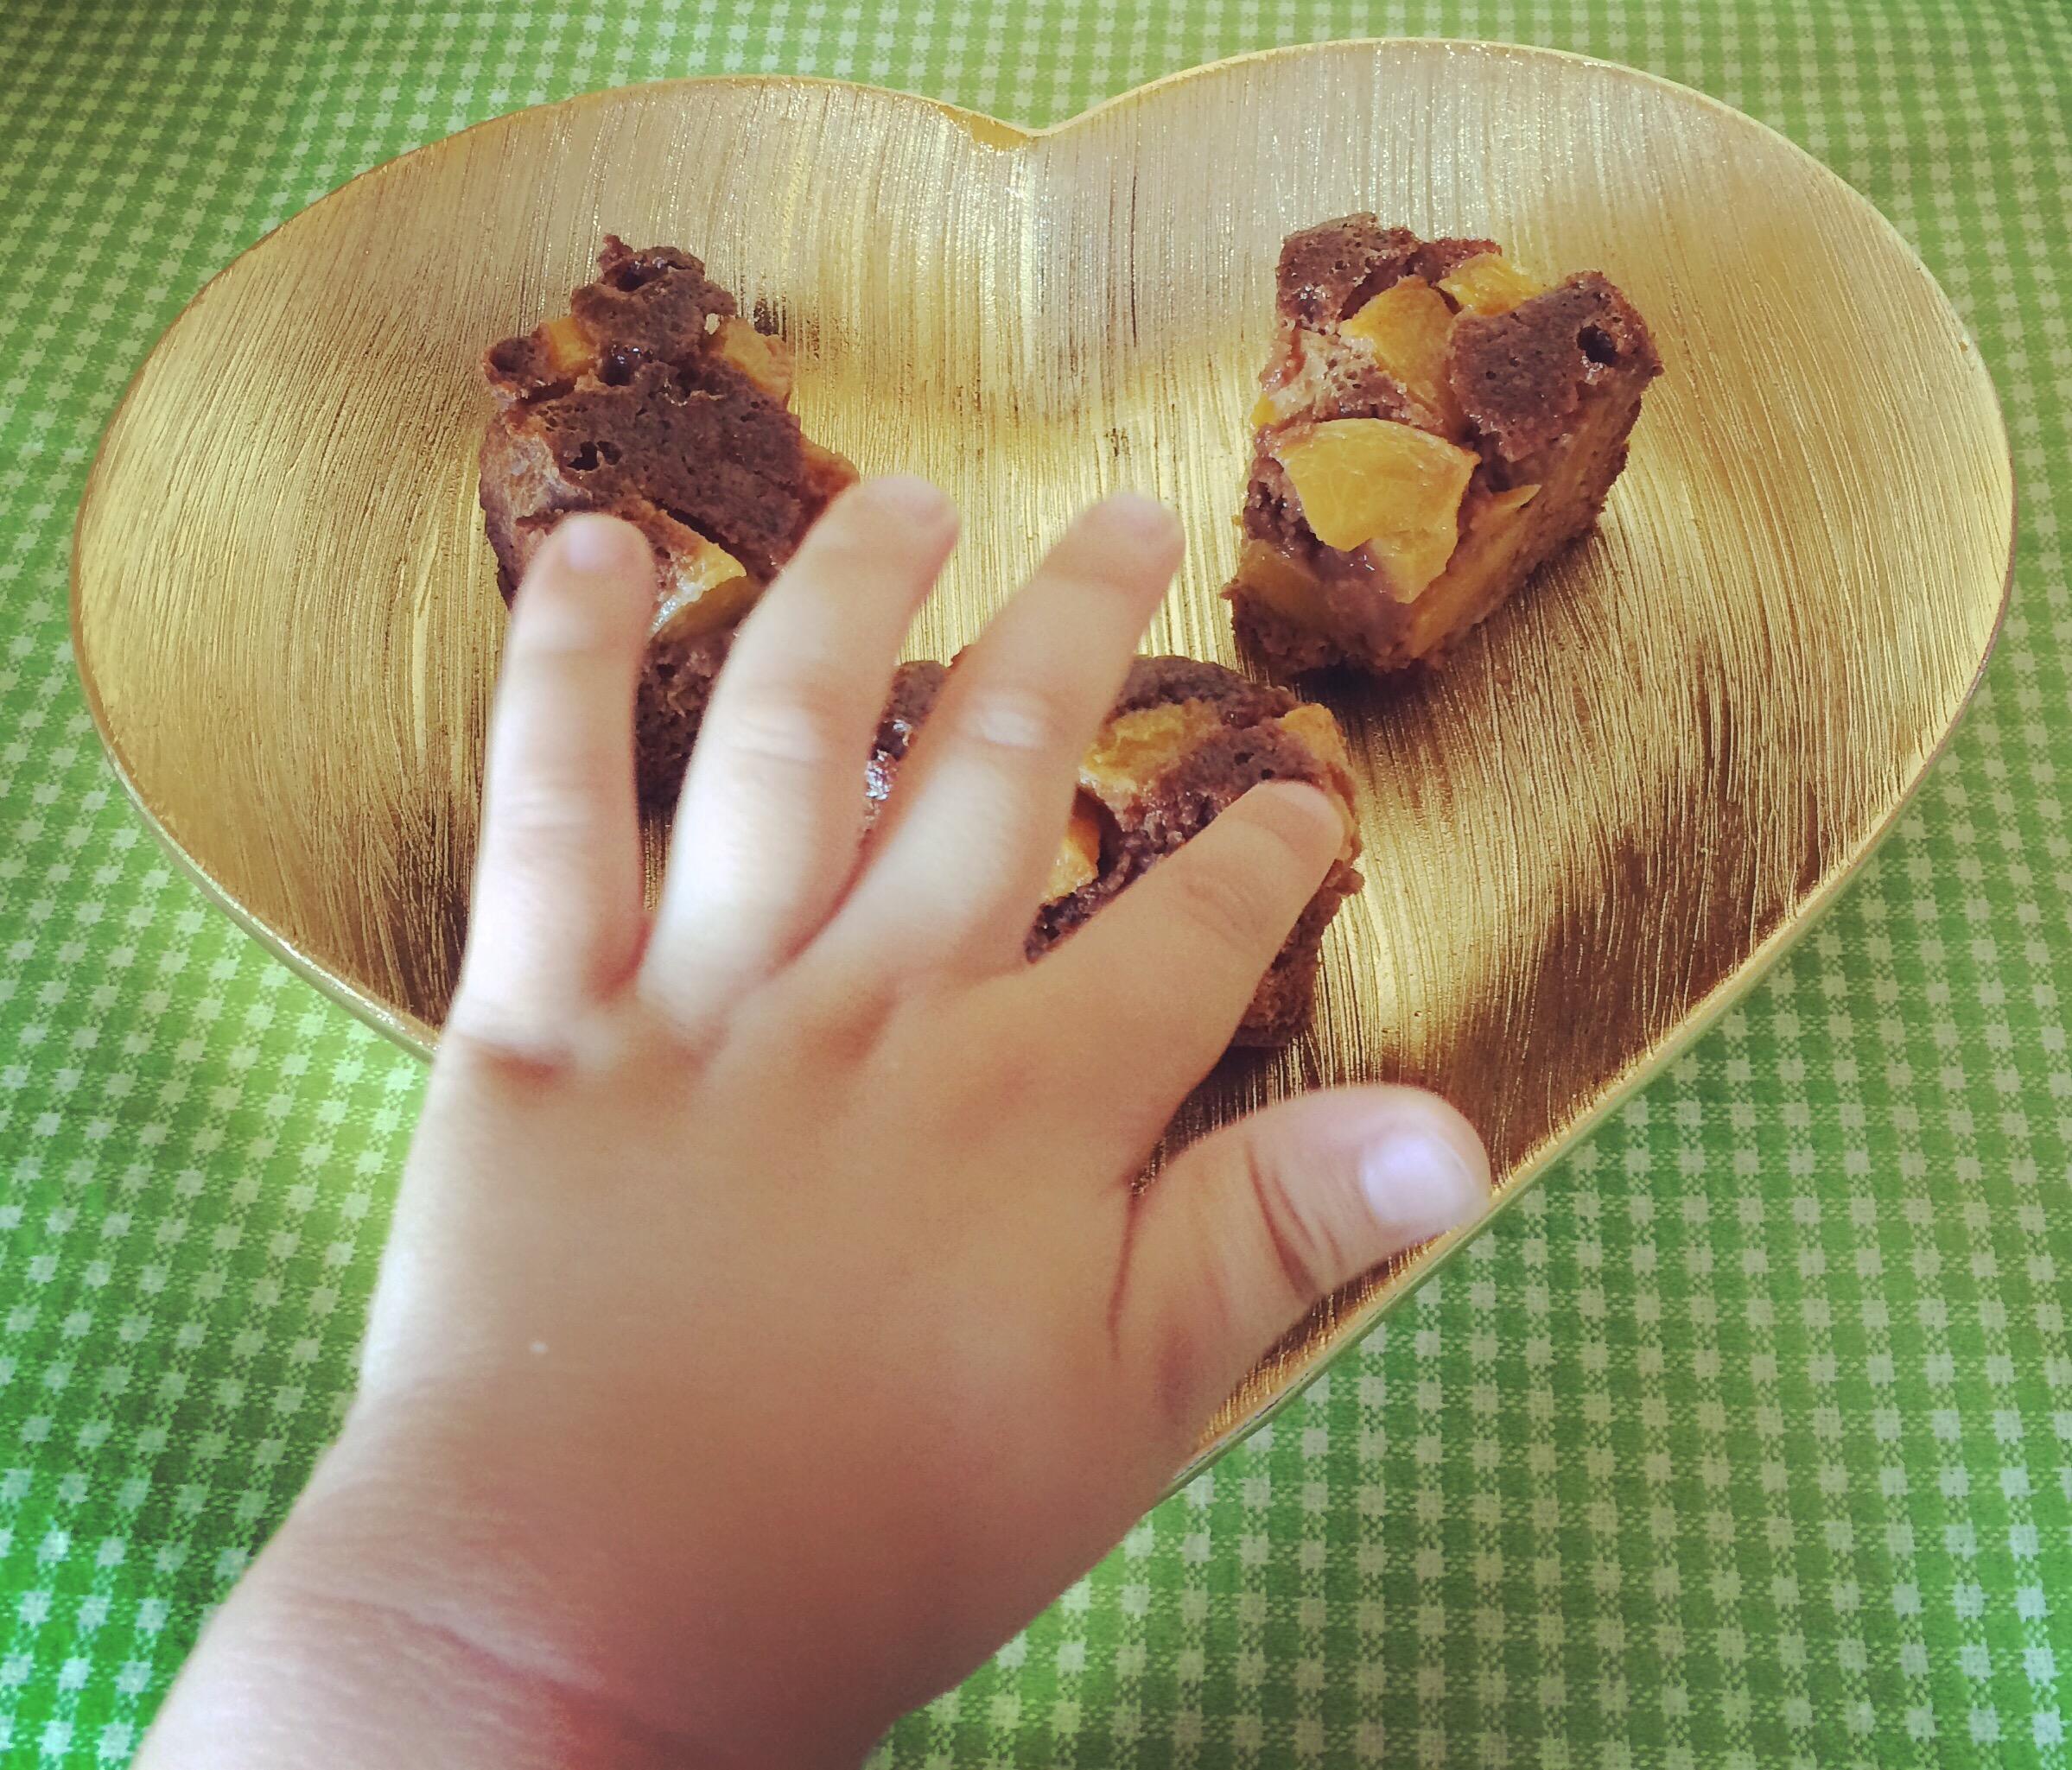 Alegeri alimentare sanatoase pe intelesul celor mici (abordarea noastra)